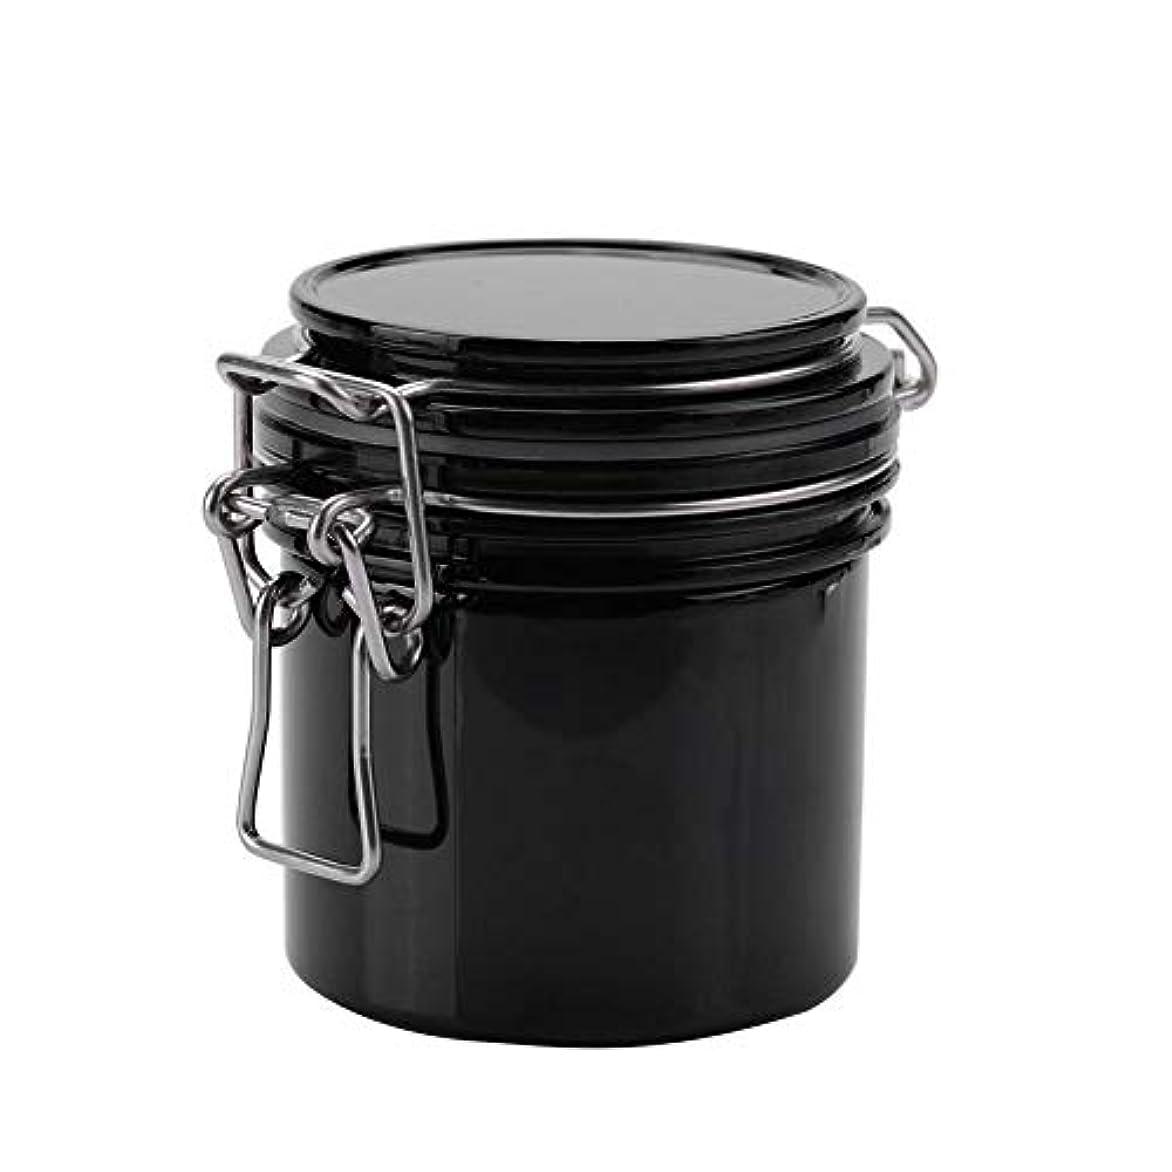 まつげのり収納瓶 再利用可能で密封 収納瓶 乾燥を防ぐために、つけまつげエクステンションや化粧に最適